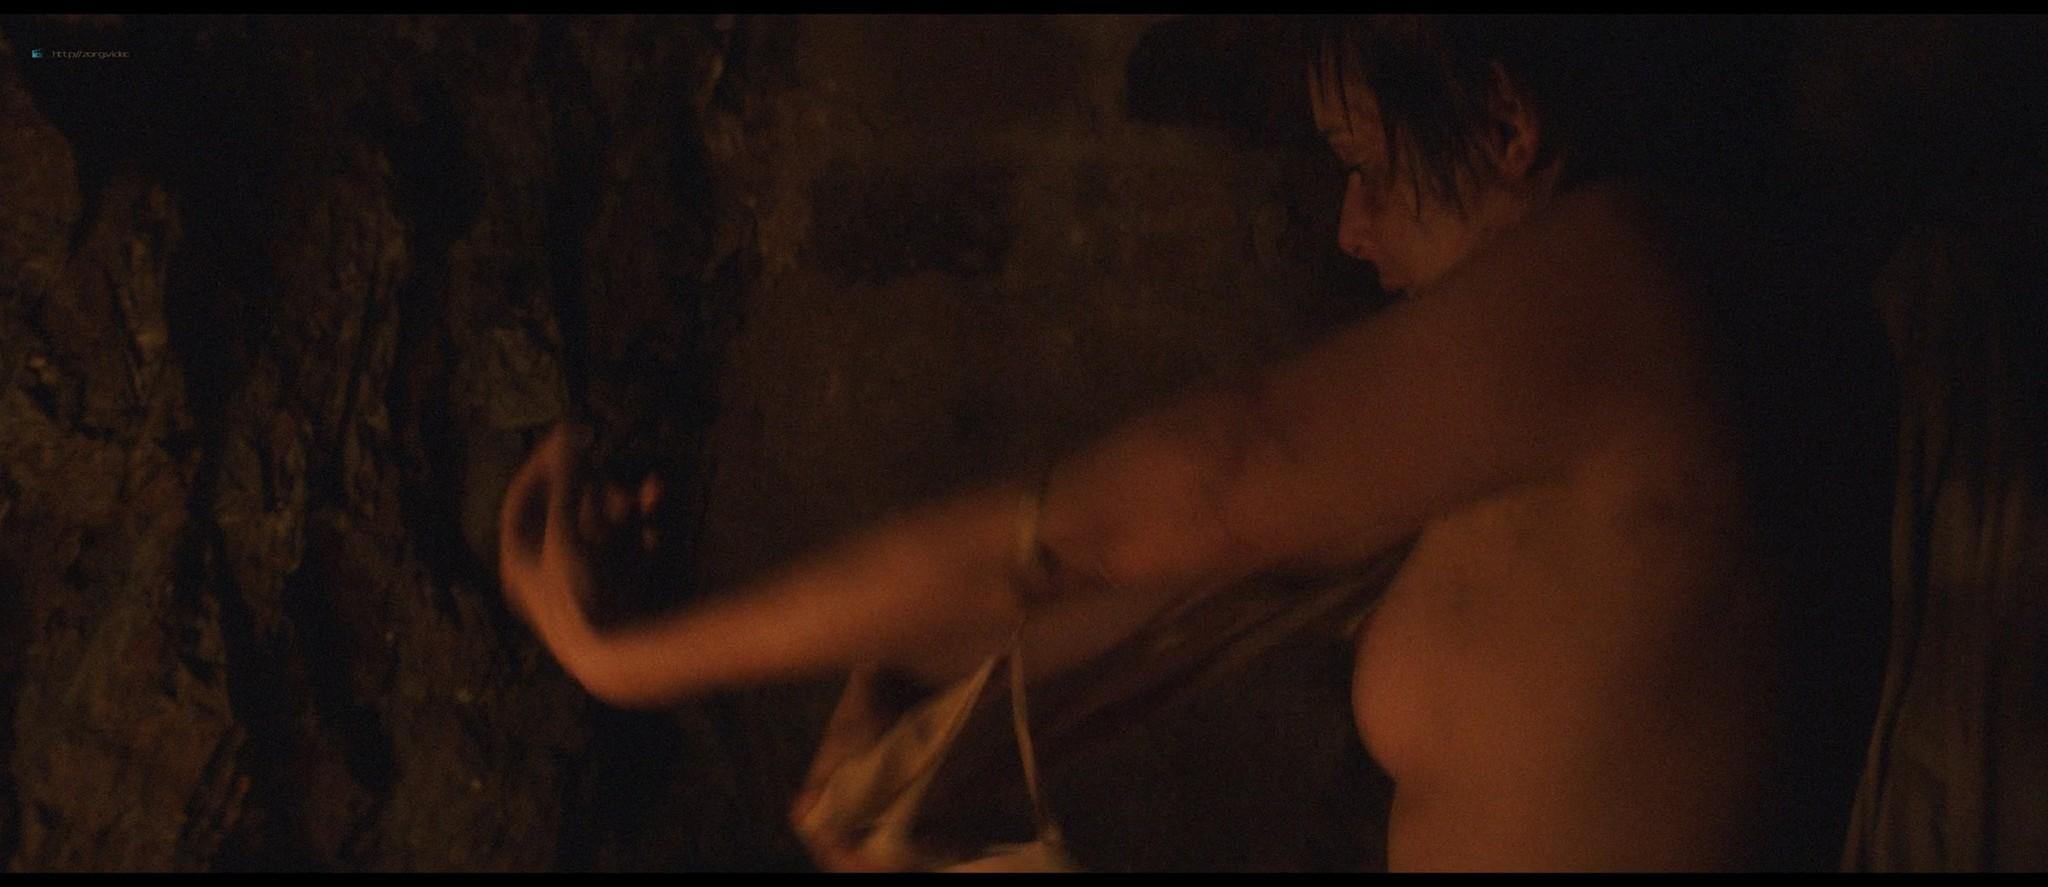 Belén Cuesta nude and sex - La trinchera infinita (ES-2019) HD 1080p Web (12)